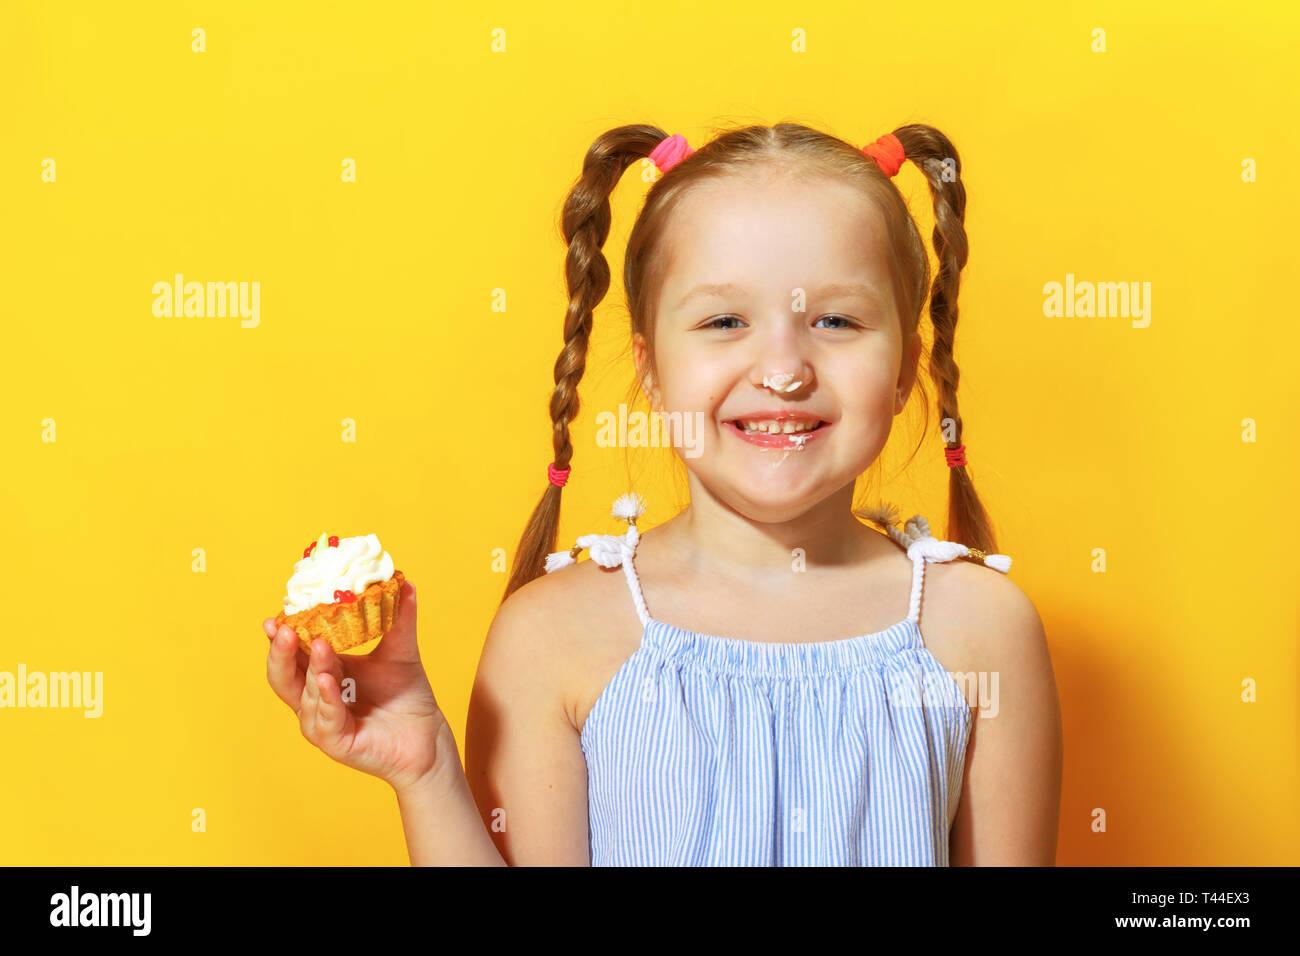 Closeup Portrait von Eine fröhliche kleine süße Mädchen auf einem gelben Hintergrund. Das Kind seine Nase mit Sahne bestreichen und mit einem Kuchen in der Hand. Stockbild